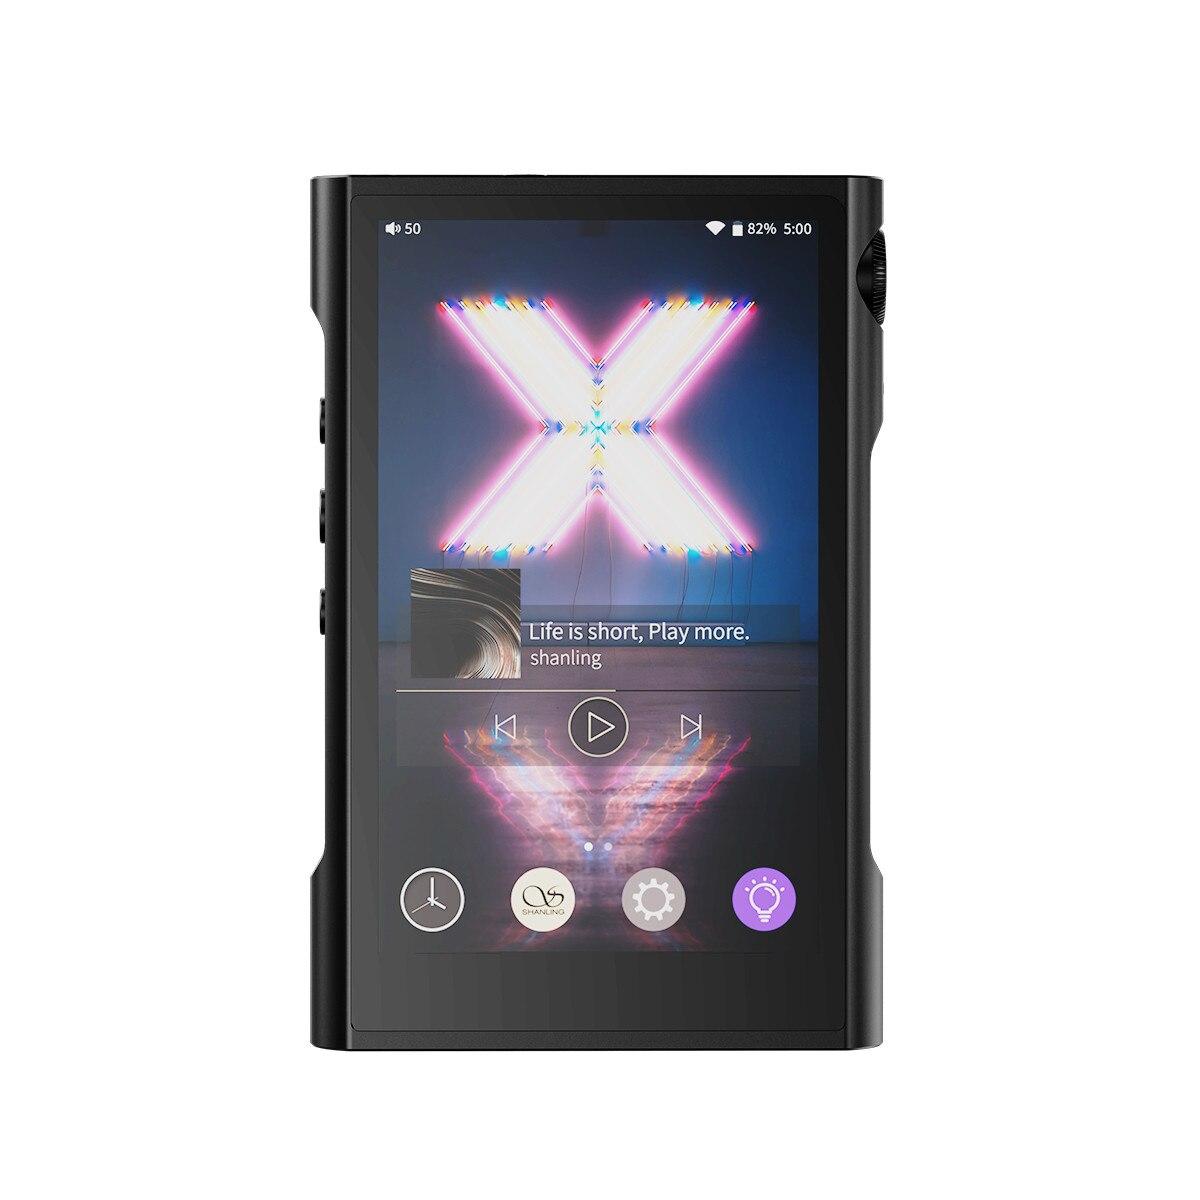 [해외] SHANLING-M3X MQA 안드로이드 MP3 플레이어 블루투스 듀얼 ES9219C DAC / AMP DSD256 32bit/384kHz 고해상도 휴대용 음악 DAP 3.5mm/